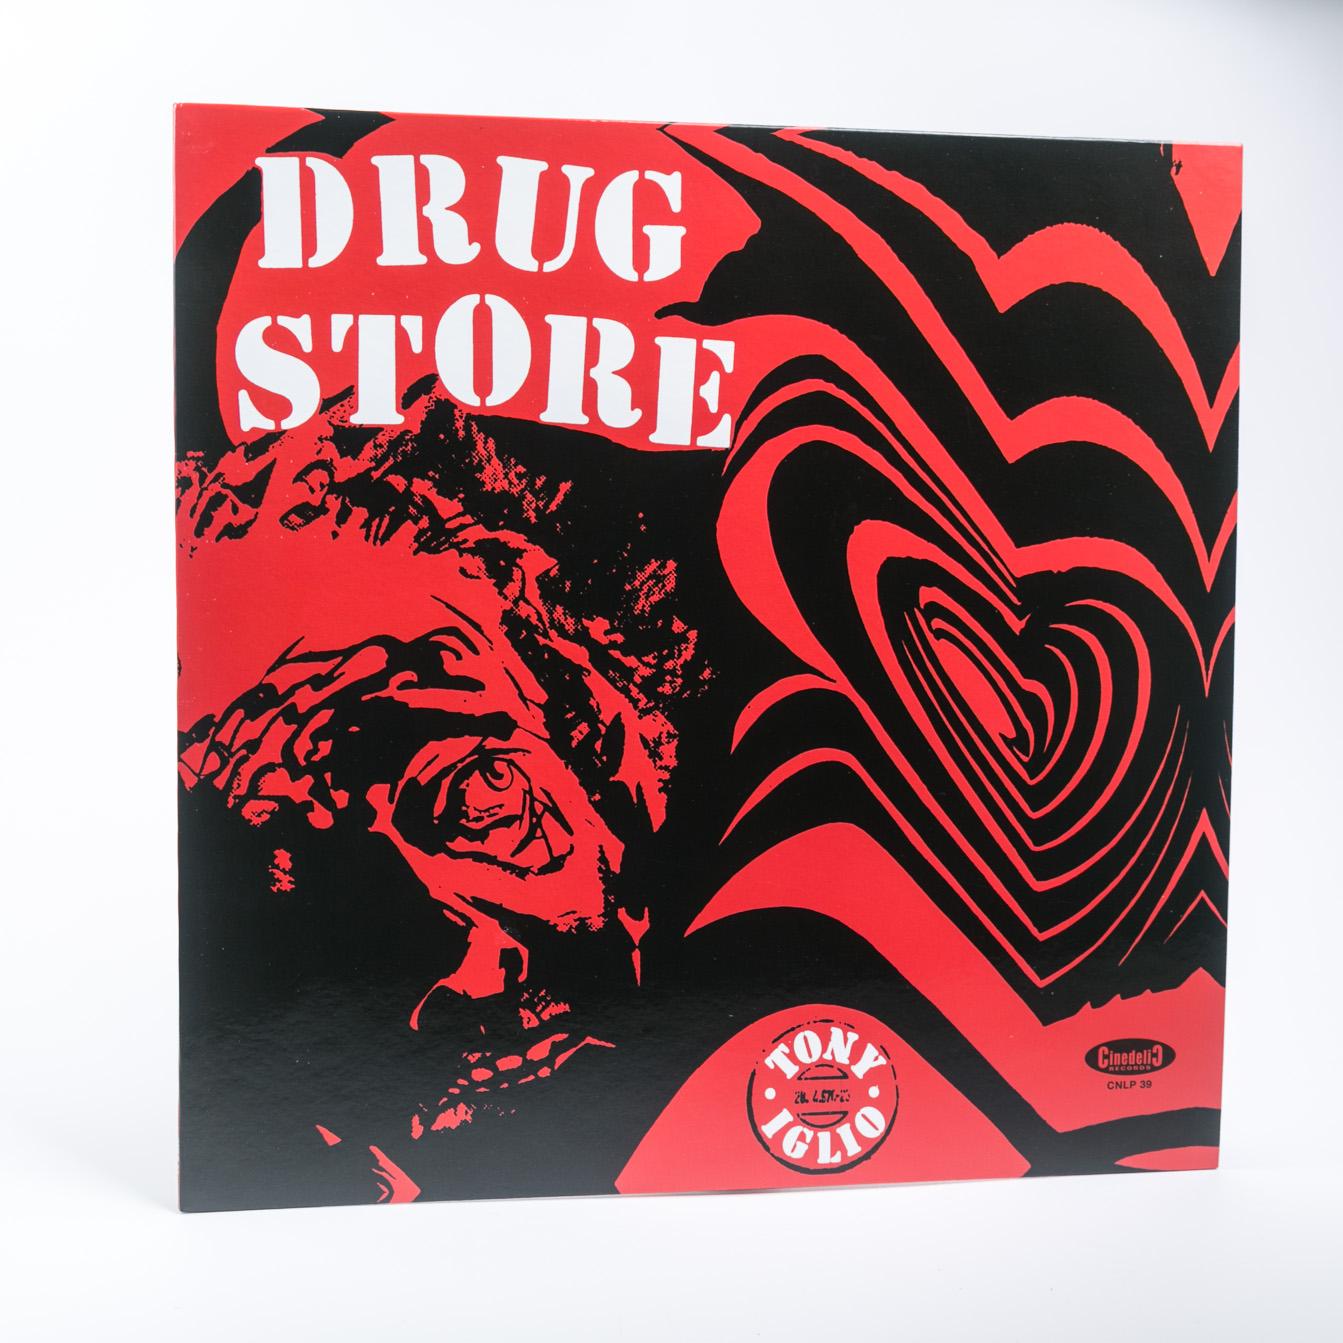 Drugstore LP (Black vinyl) + CD